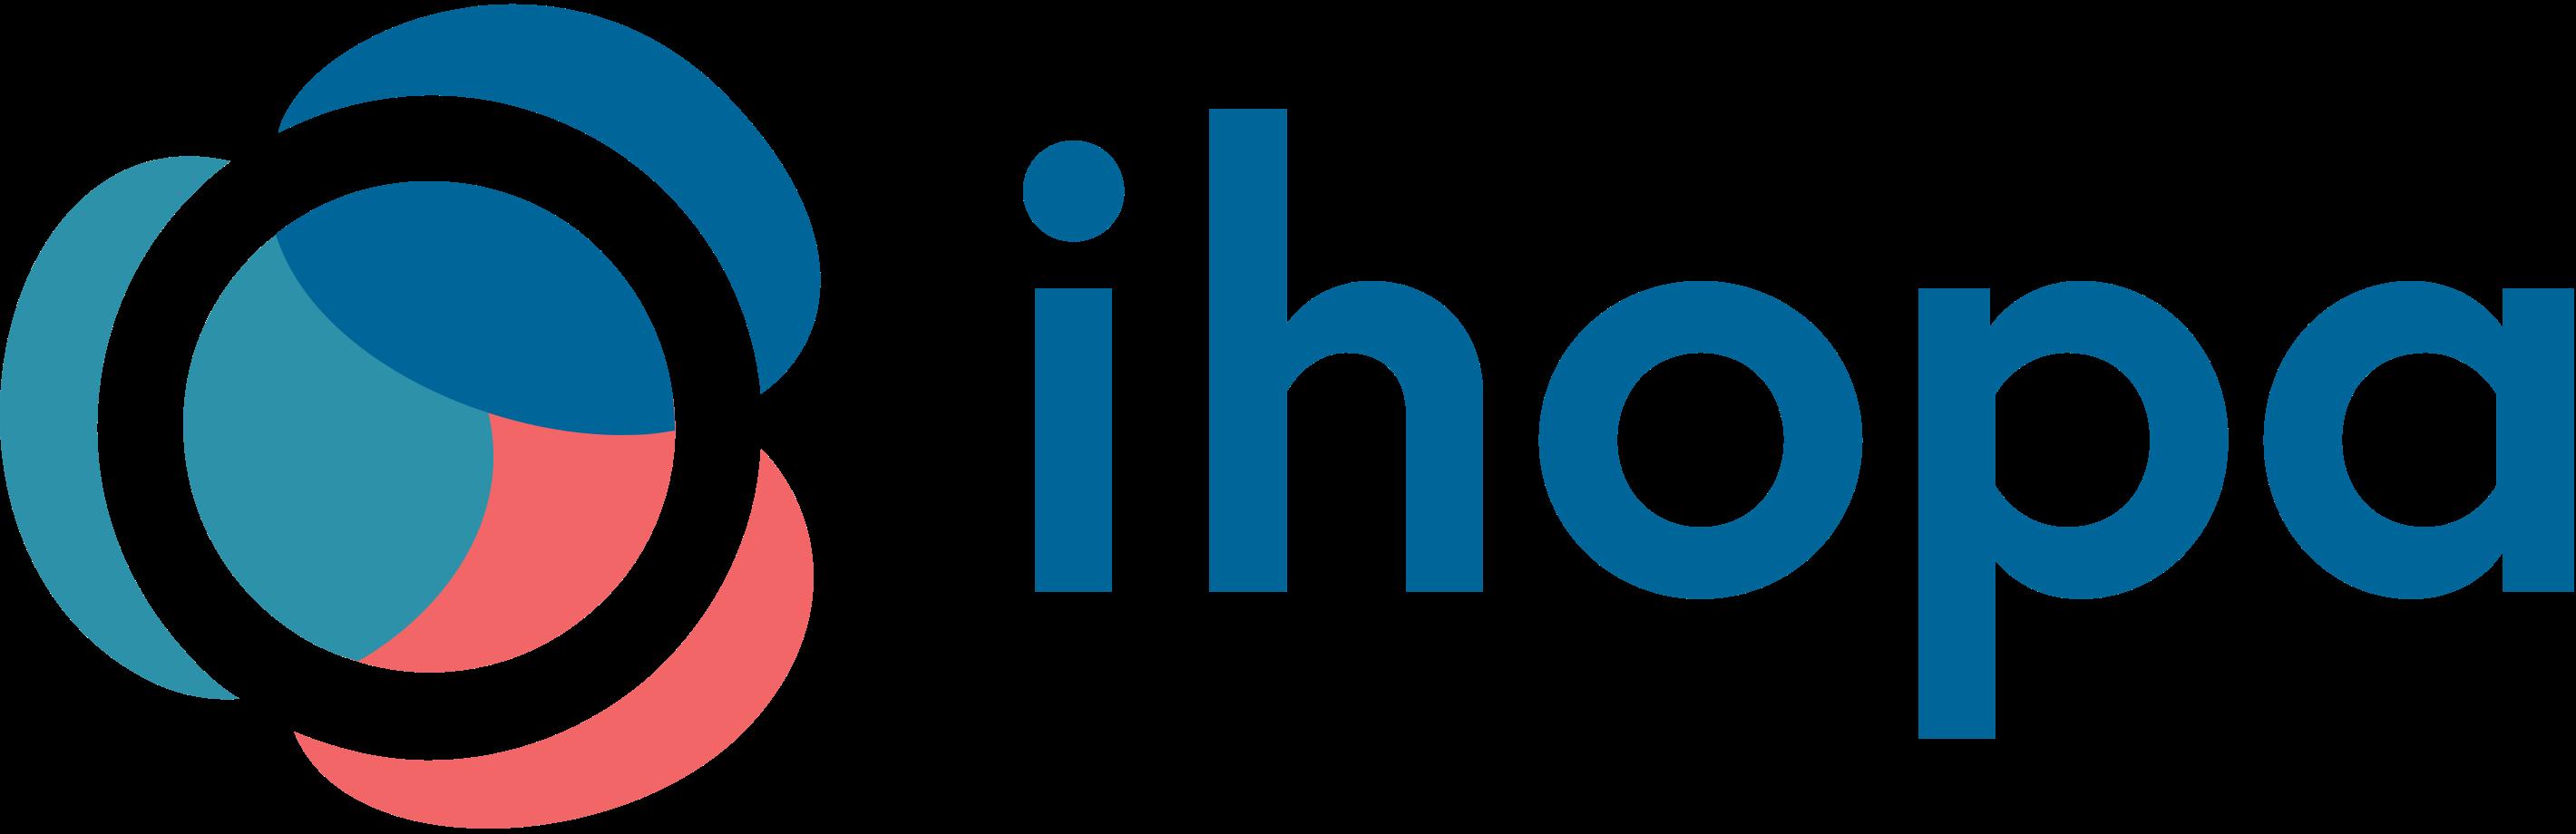 Ihopa Blog